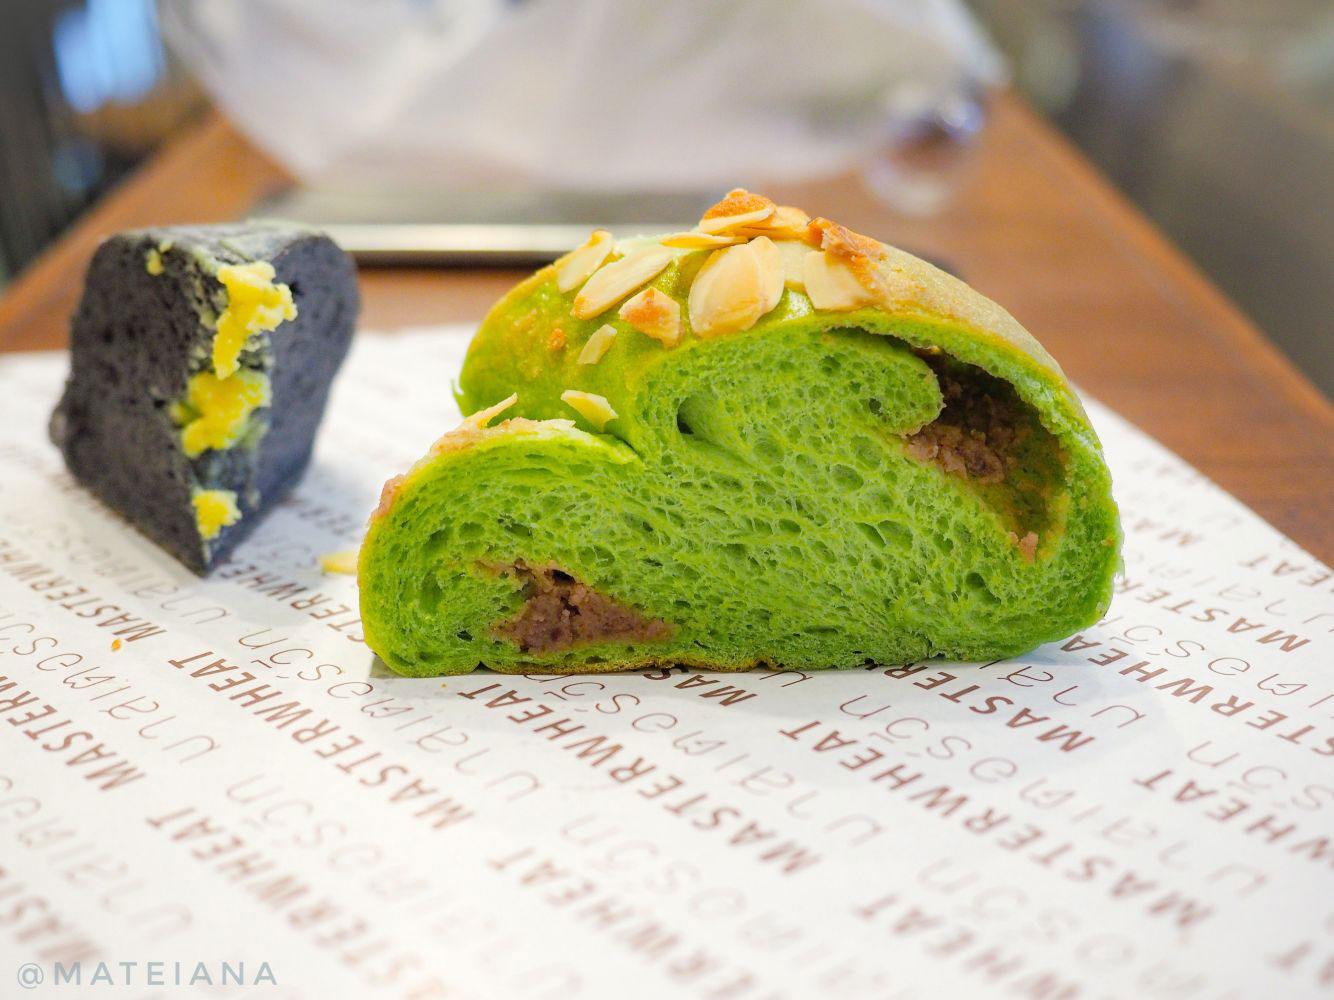 Master-Wheat-Bangkok---matcha-bread-and-black-bread